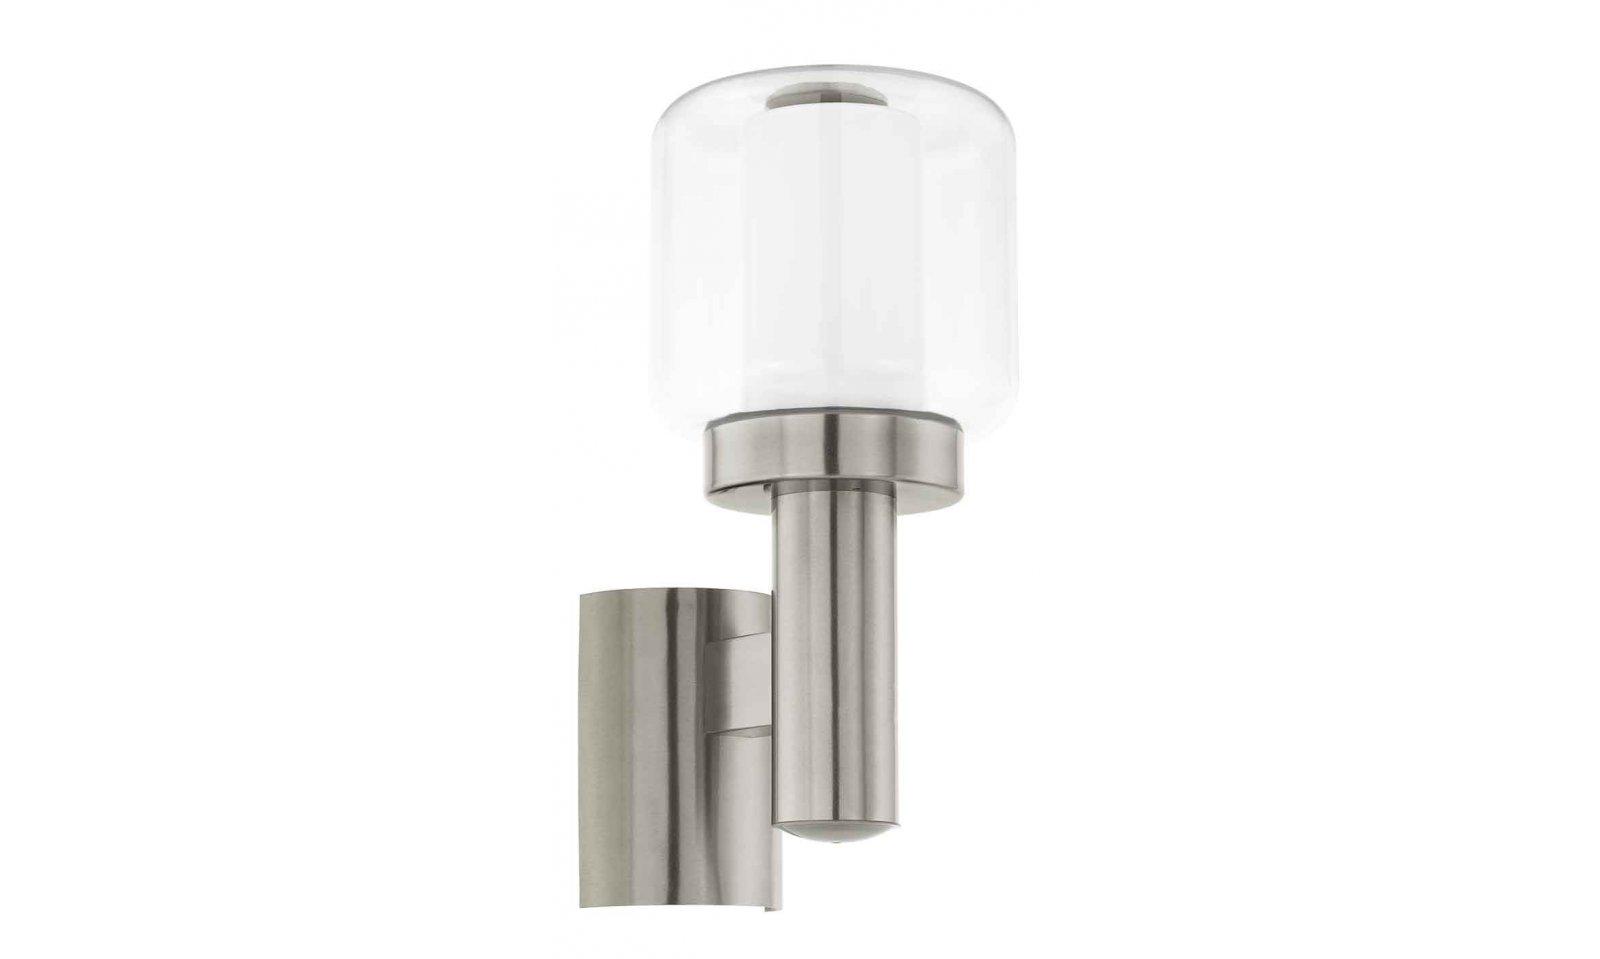 Eglo applique applique exterieur pias acier led eglo applique